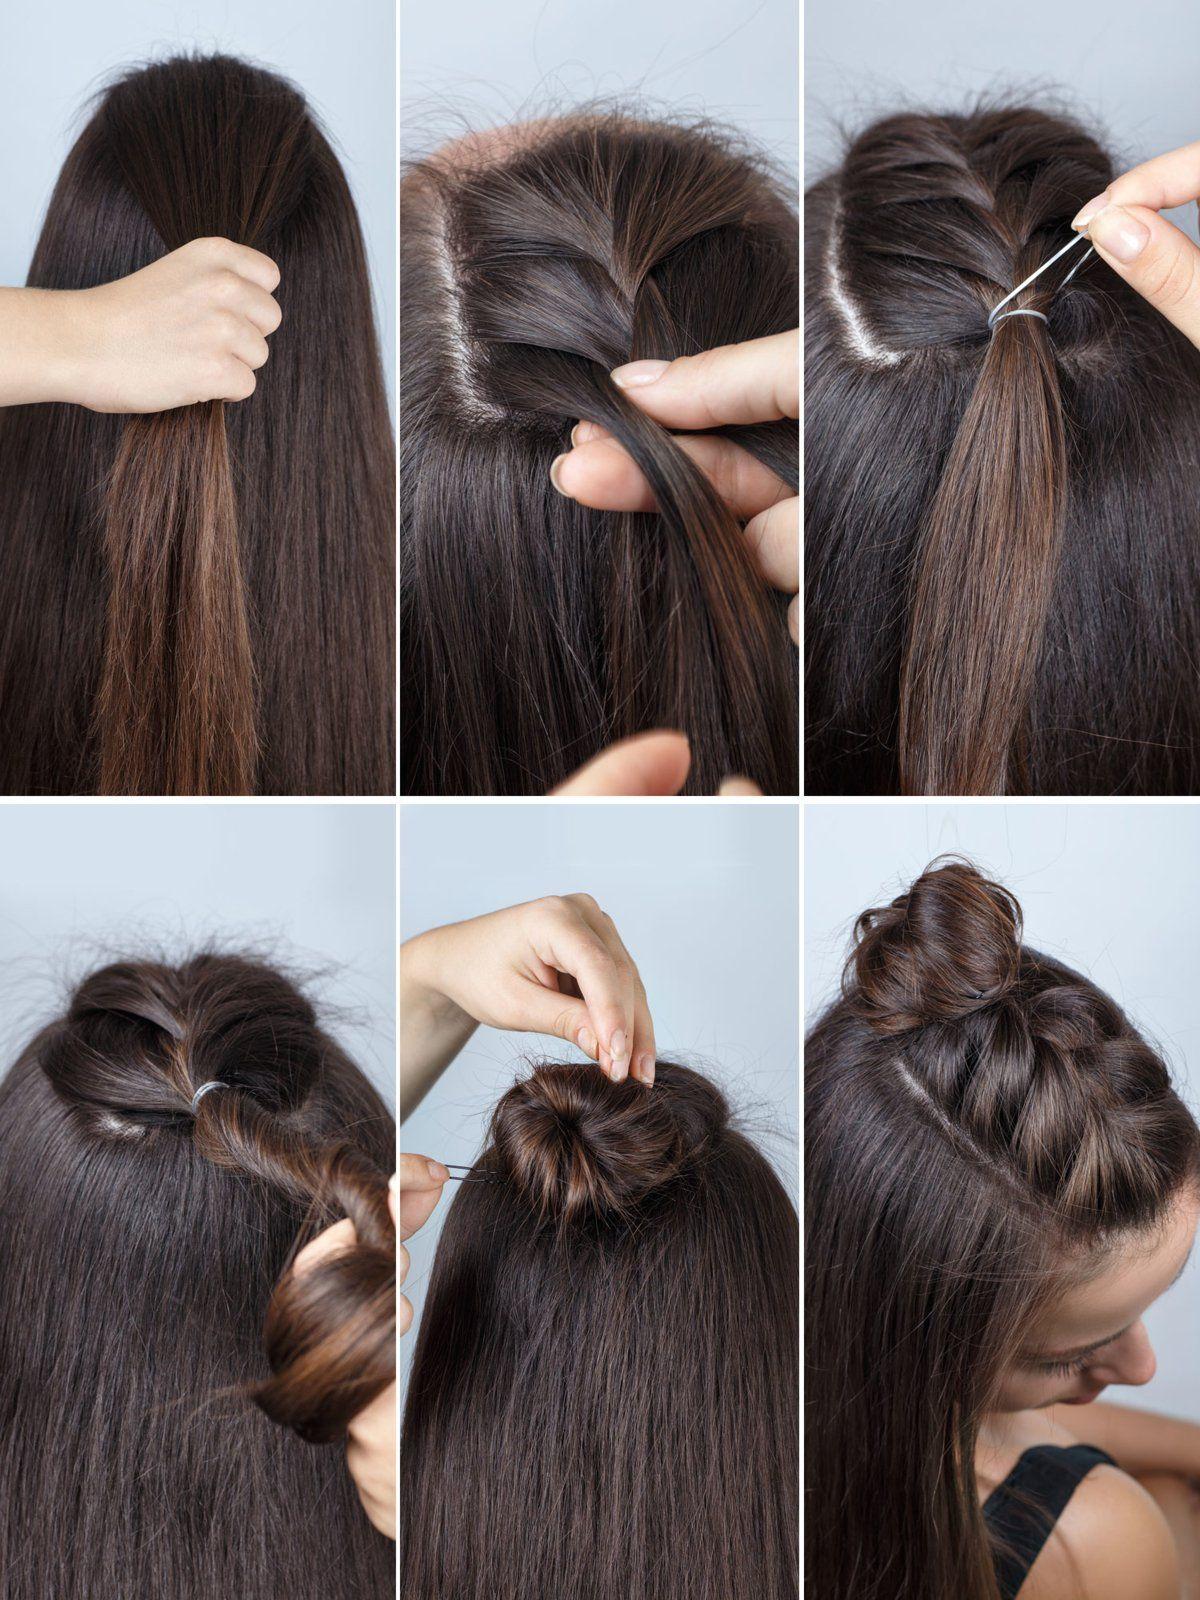 Step By Step Die 10 Schönsten Frisuren Zum Nachstylen Hairstyles